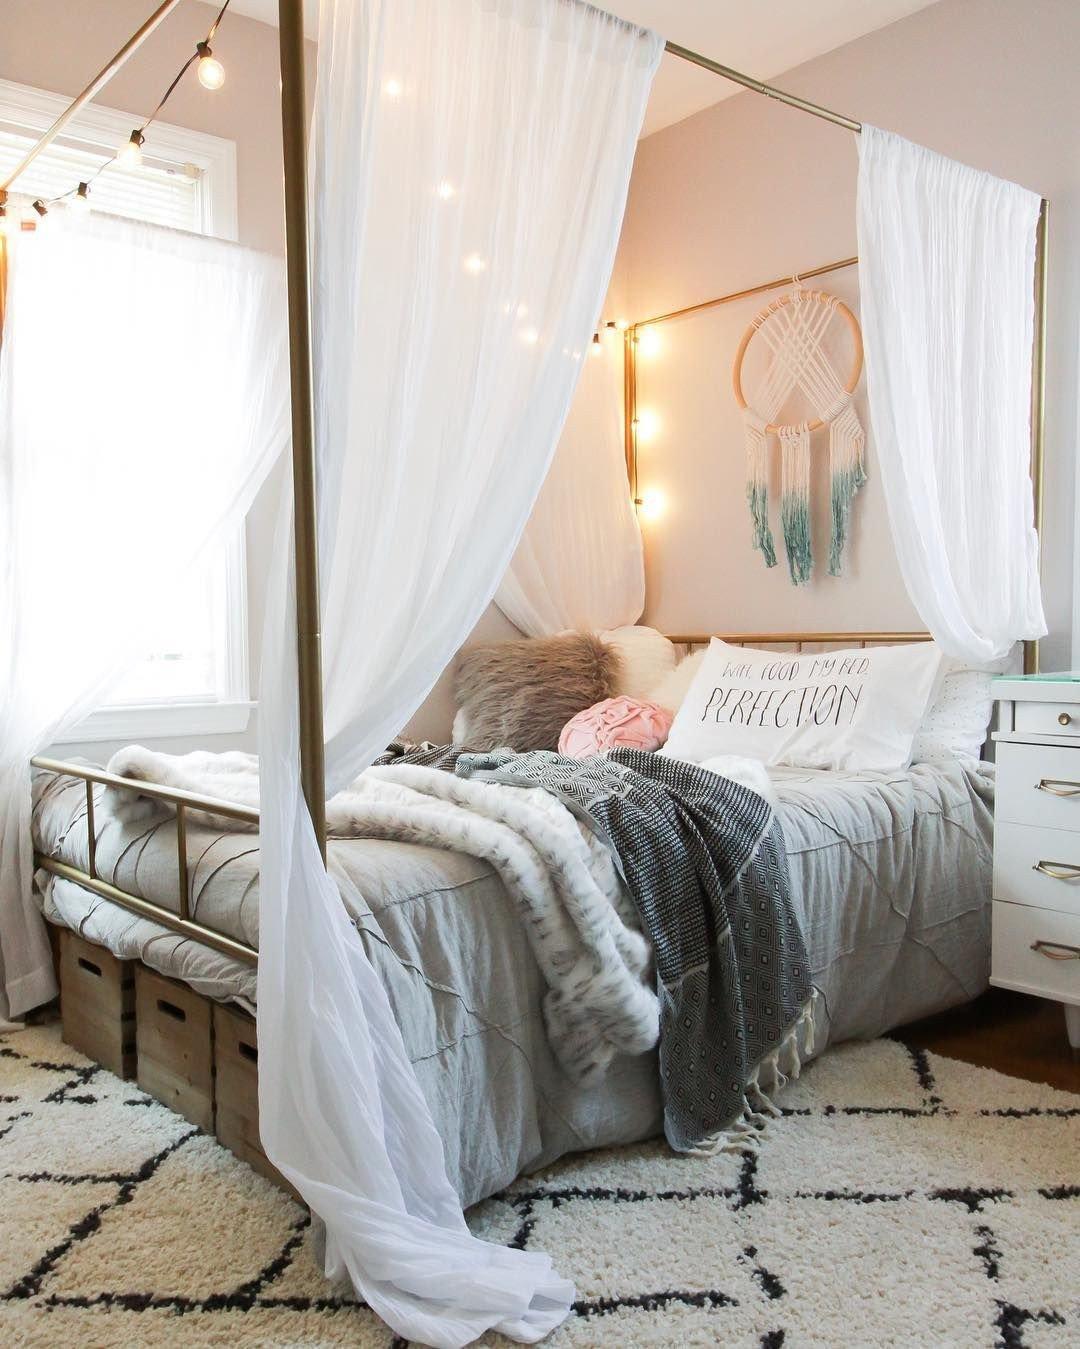 Girl Canopy Bedroom Set Elegant Teen or Tween Girl Bedroom